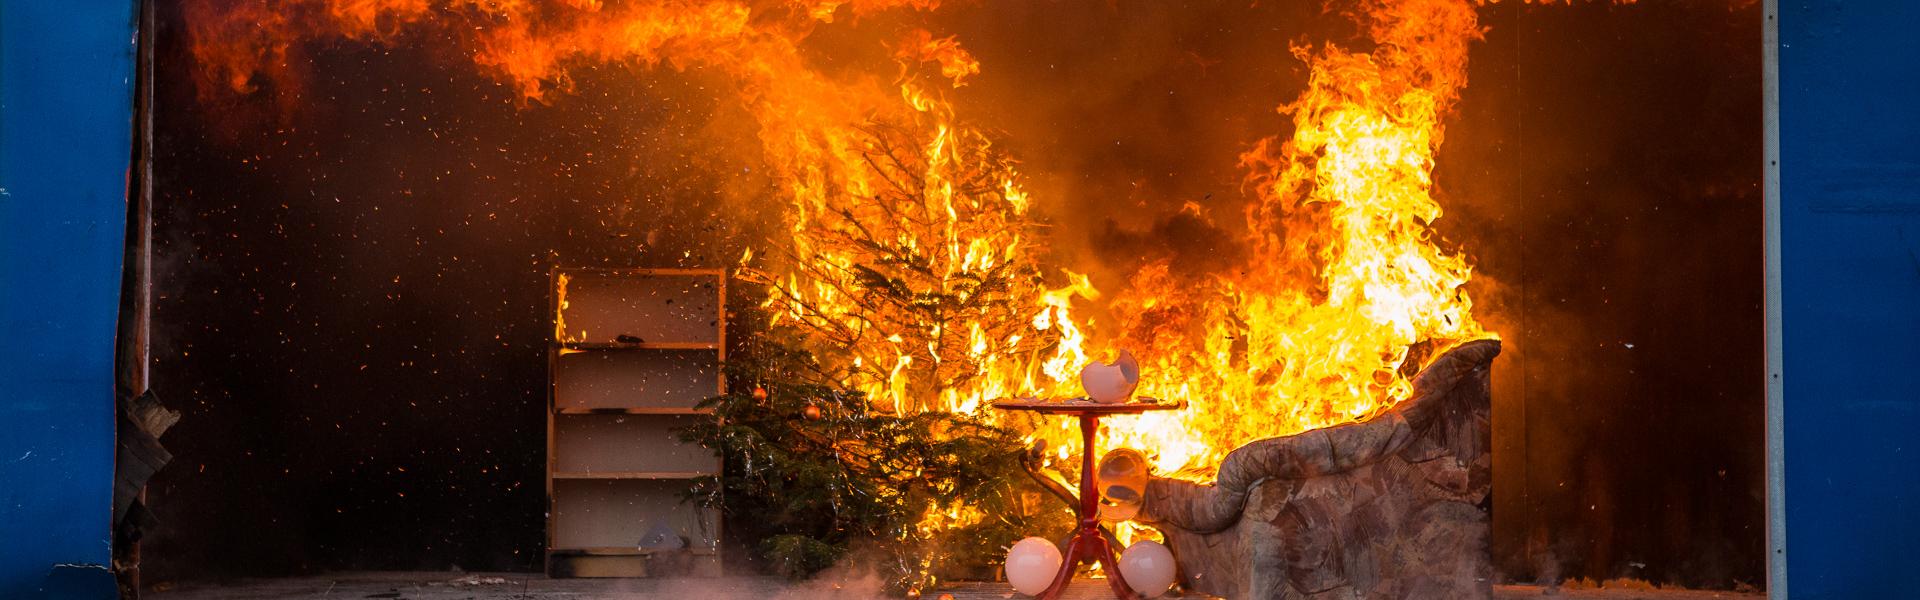 14.12.2018 – Feuerwehr Hamburg gibt Tipps für sichere Weihnachten